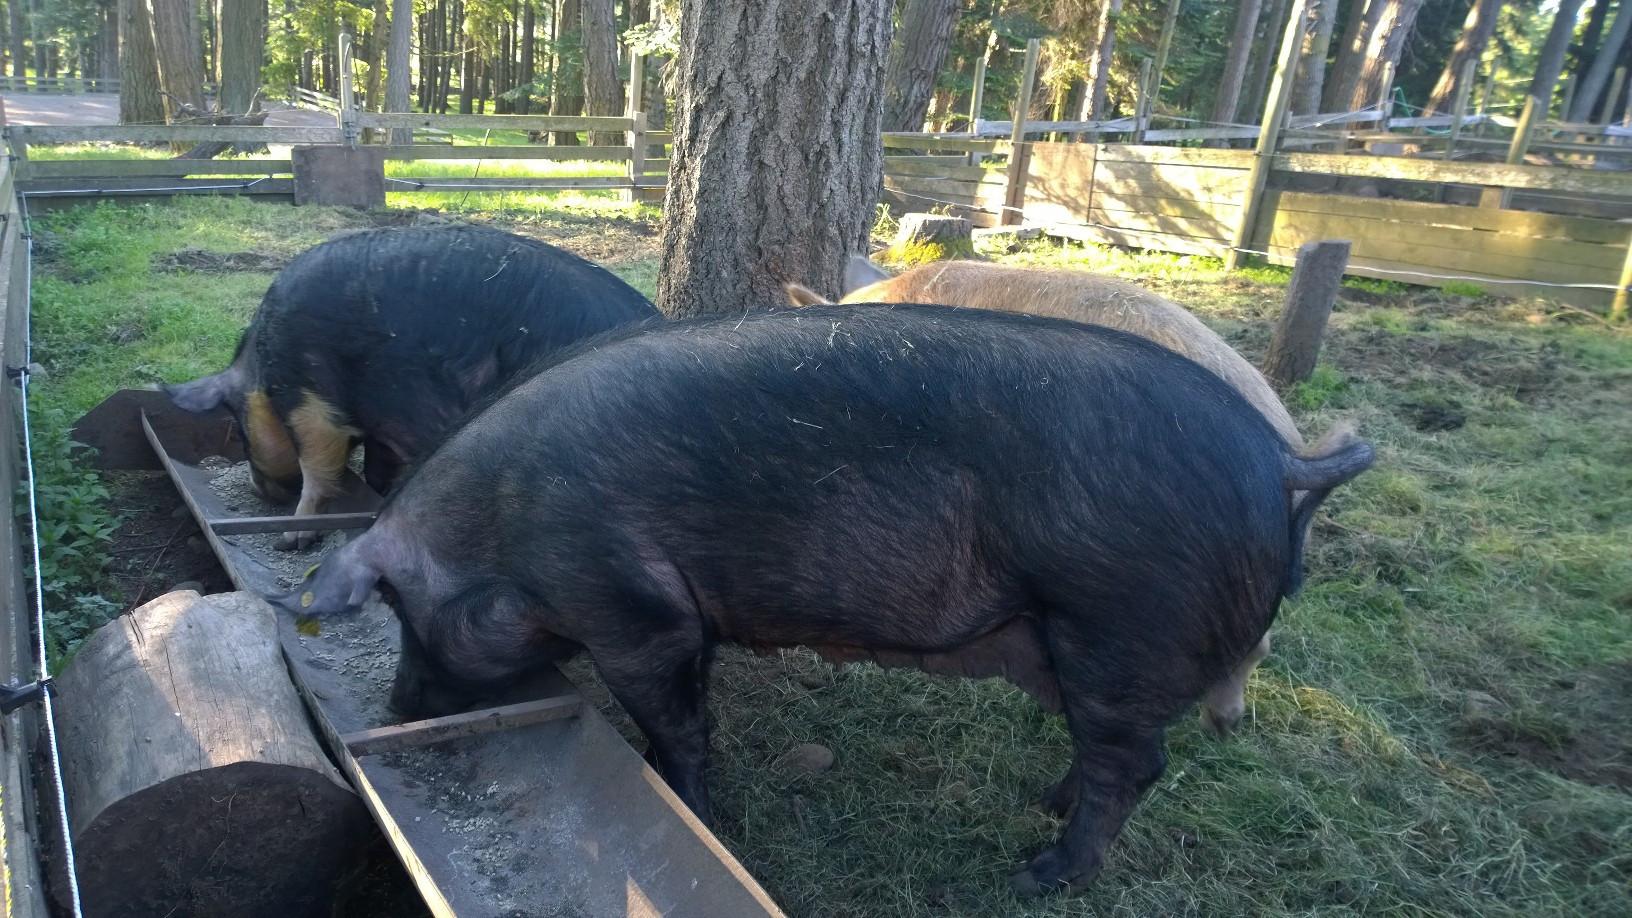 Gestating sows in their summer pens.